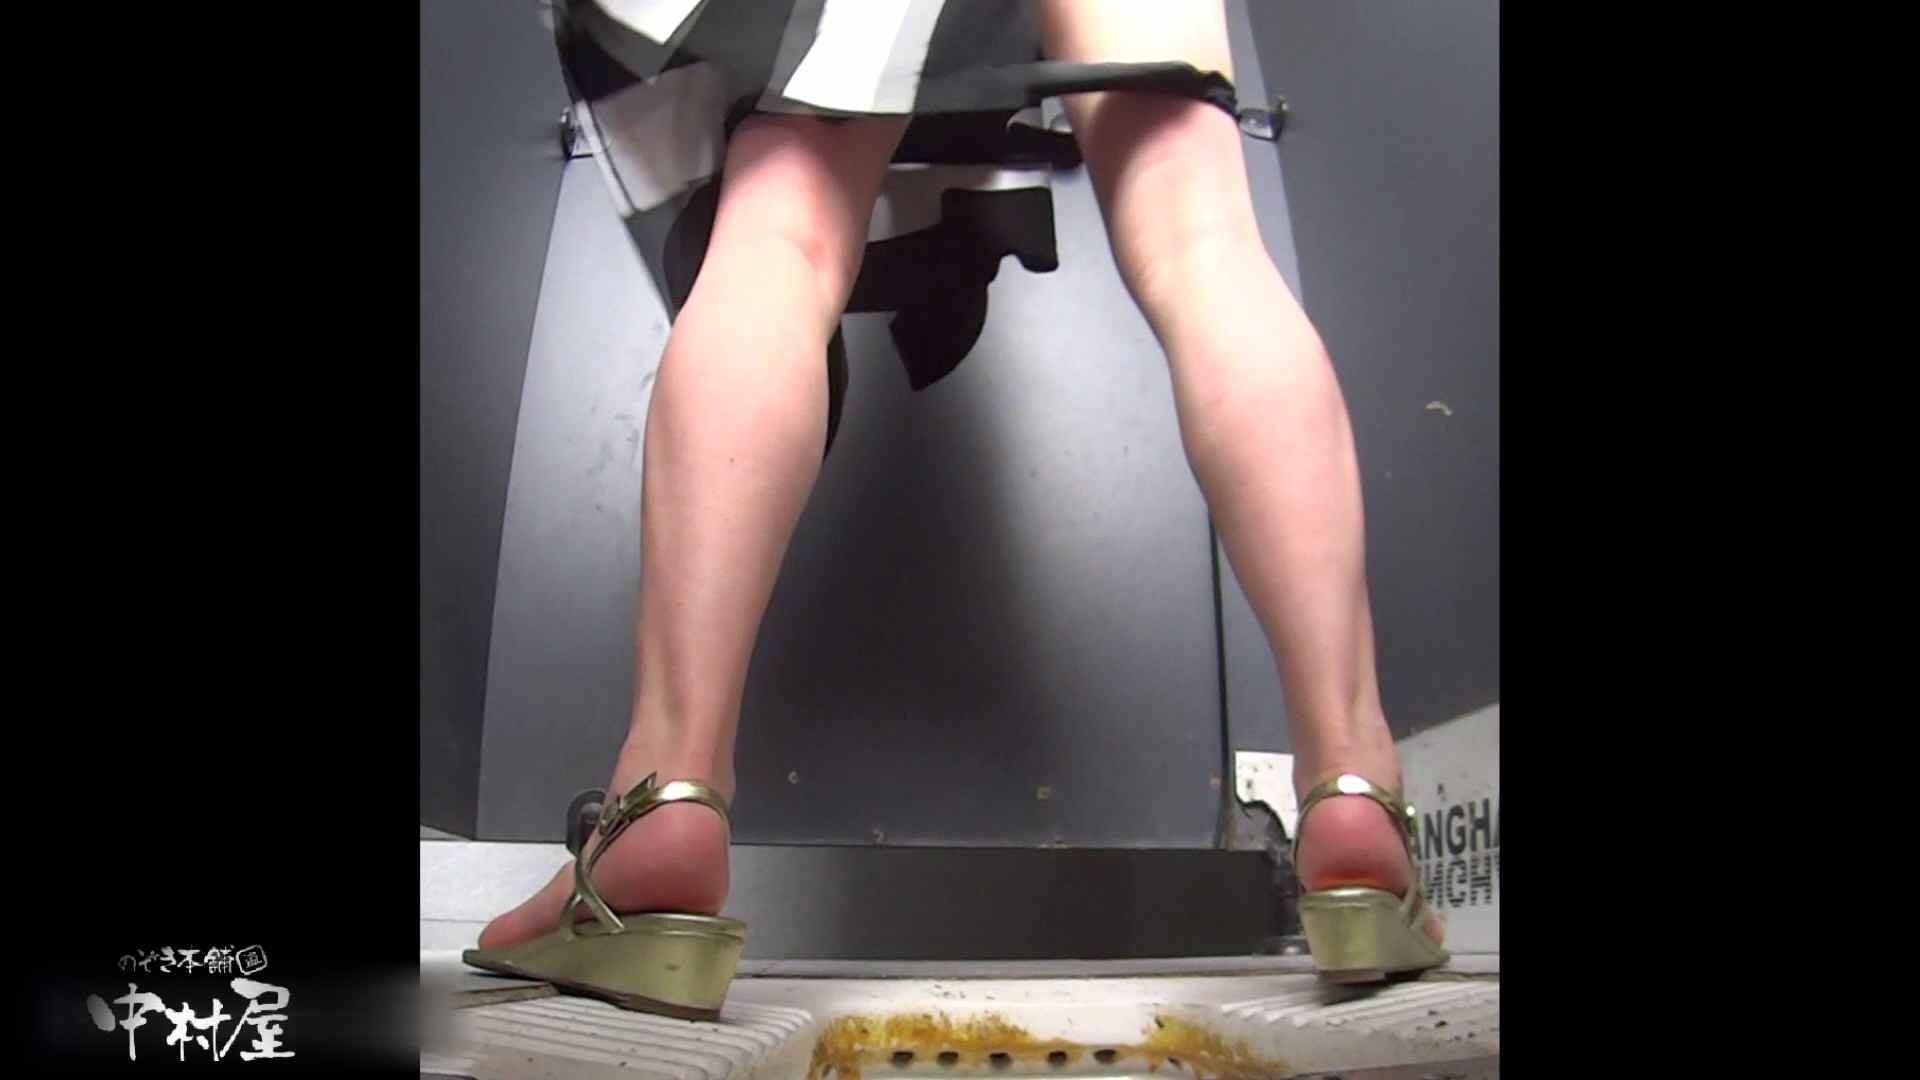 VIP配信している有名大学休憩時間の洗面所事情 一部公開‼ お姉さん丸裸  81pic 20